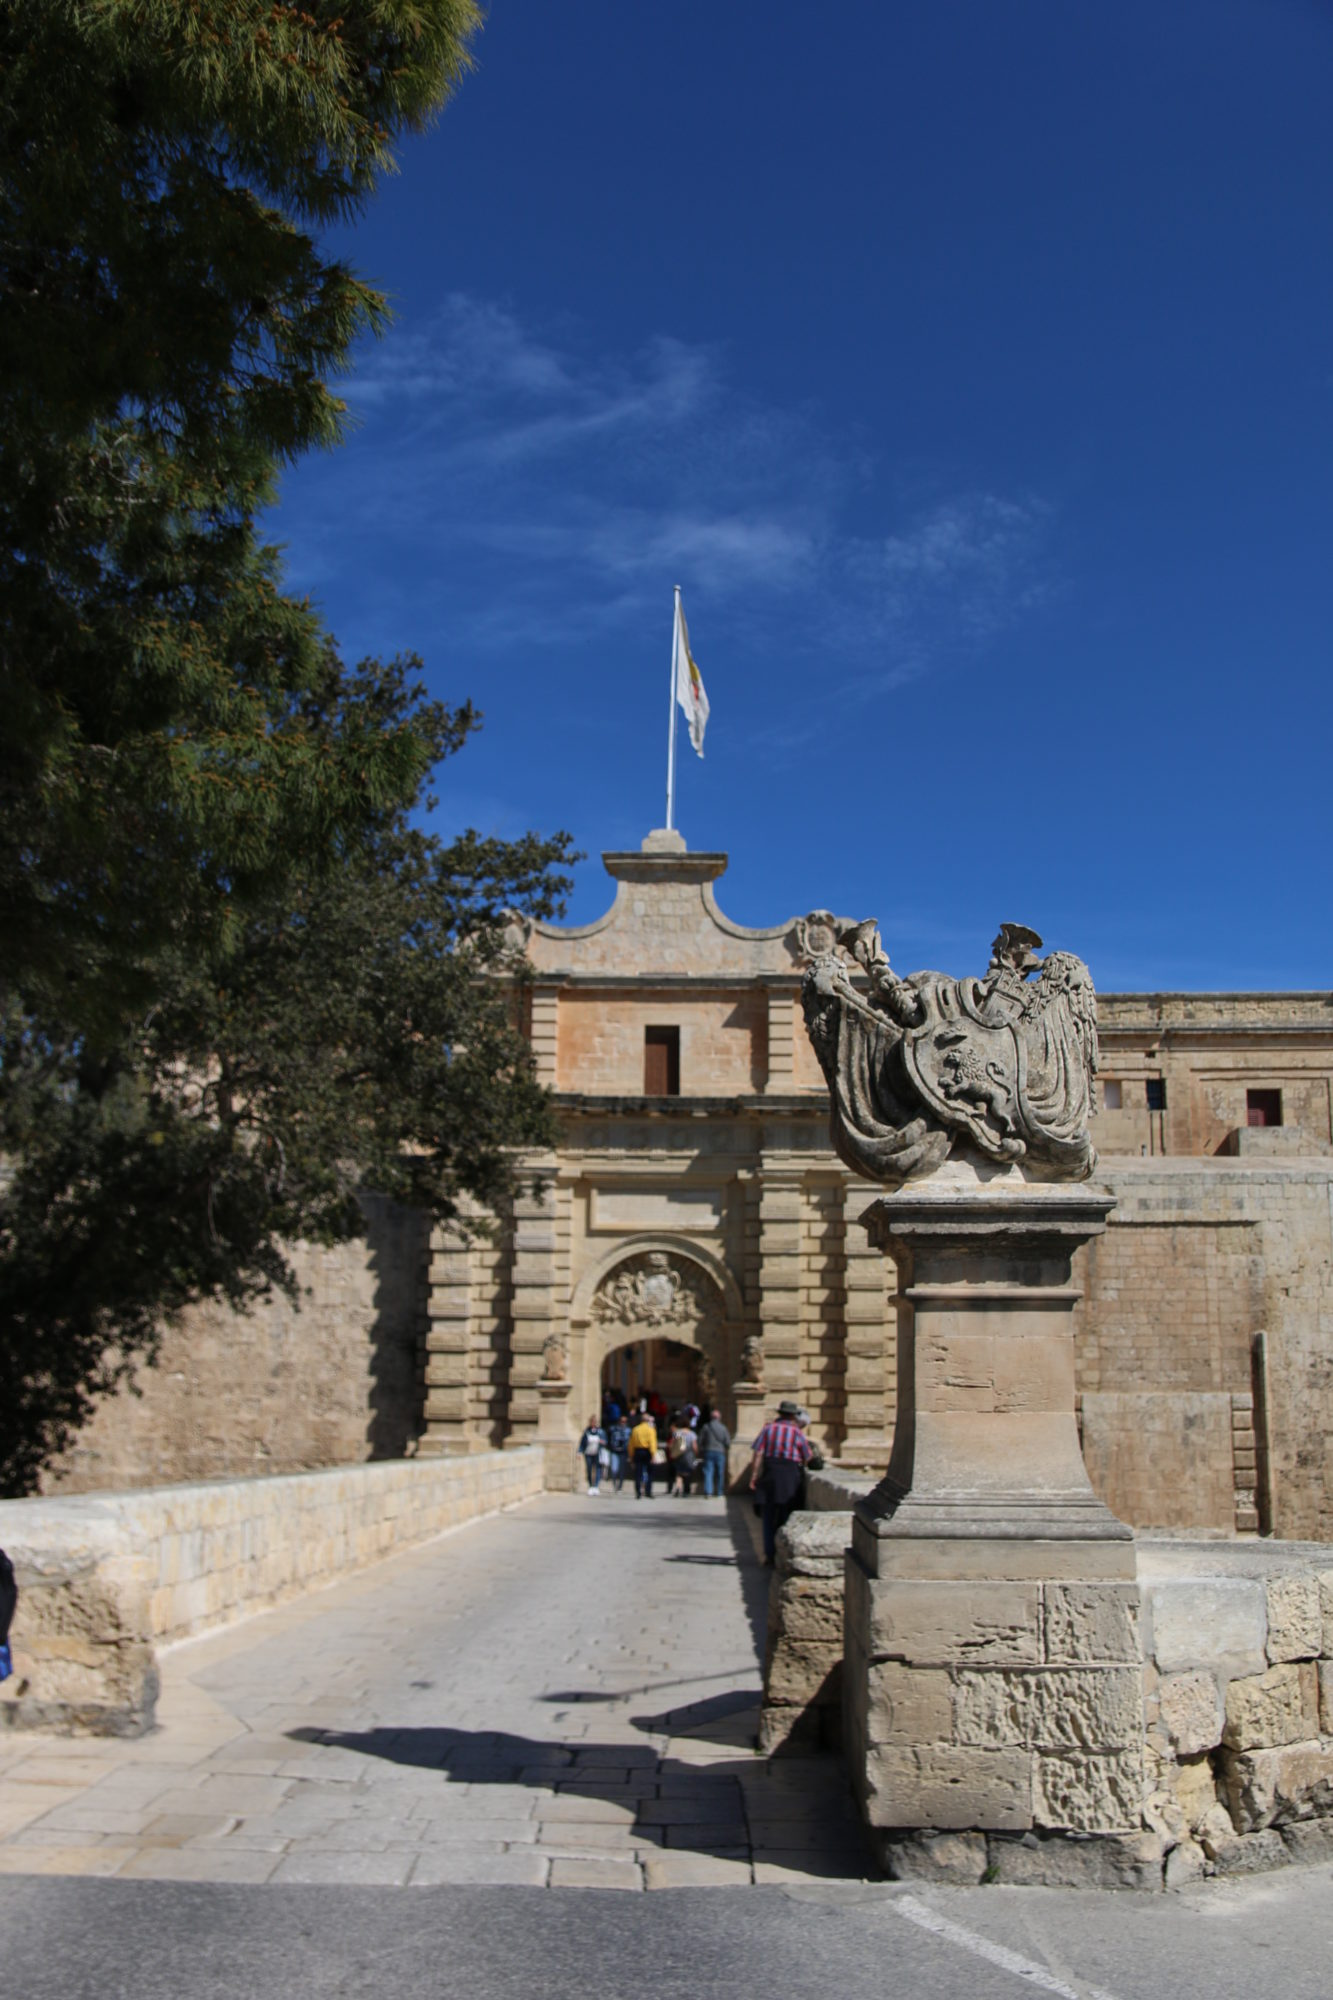 中世な空間 イムディーナ/マルタの旧市街を街散策。